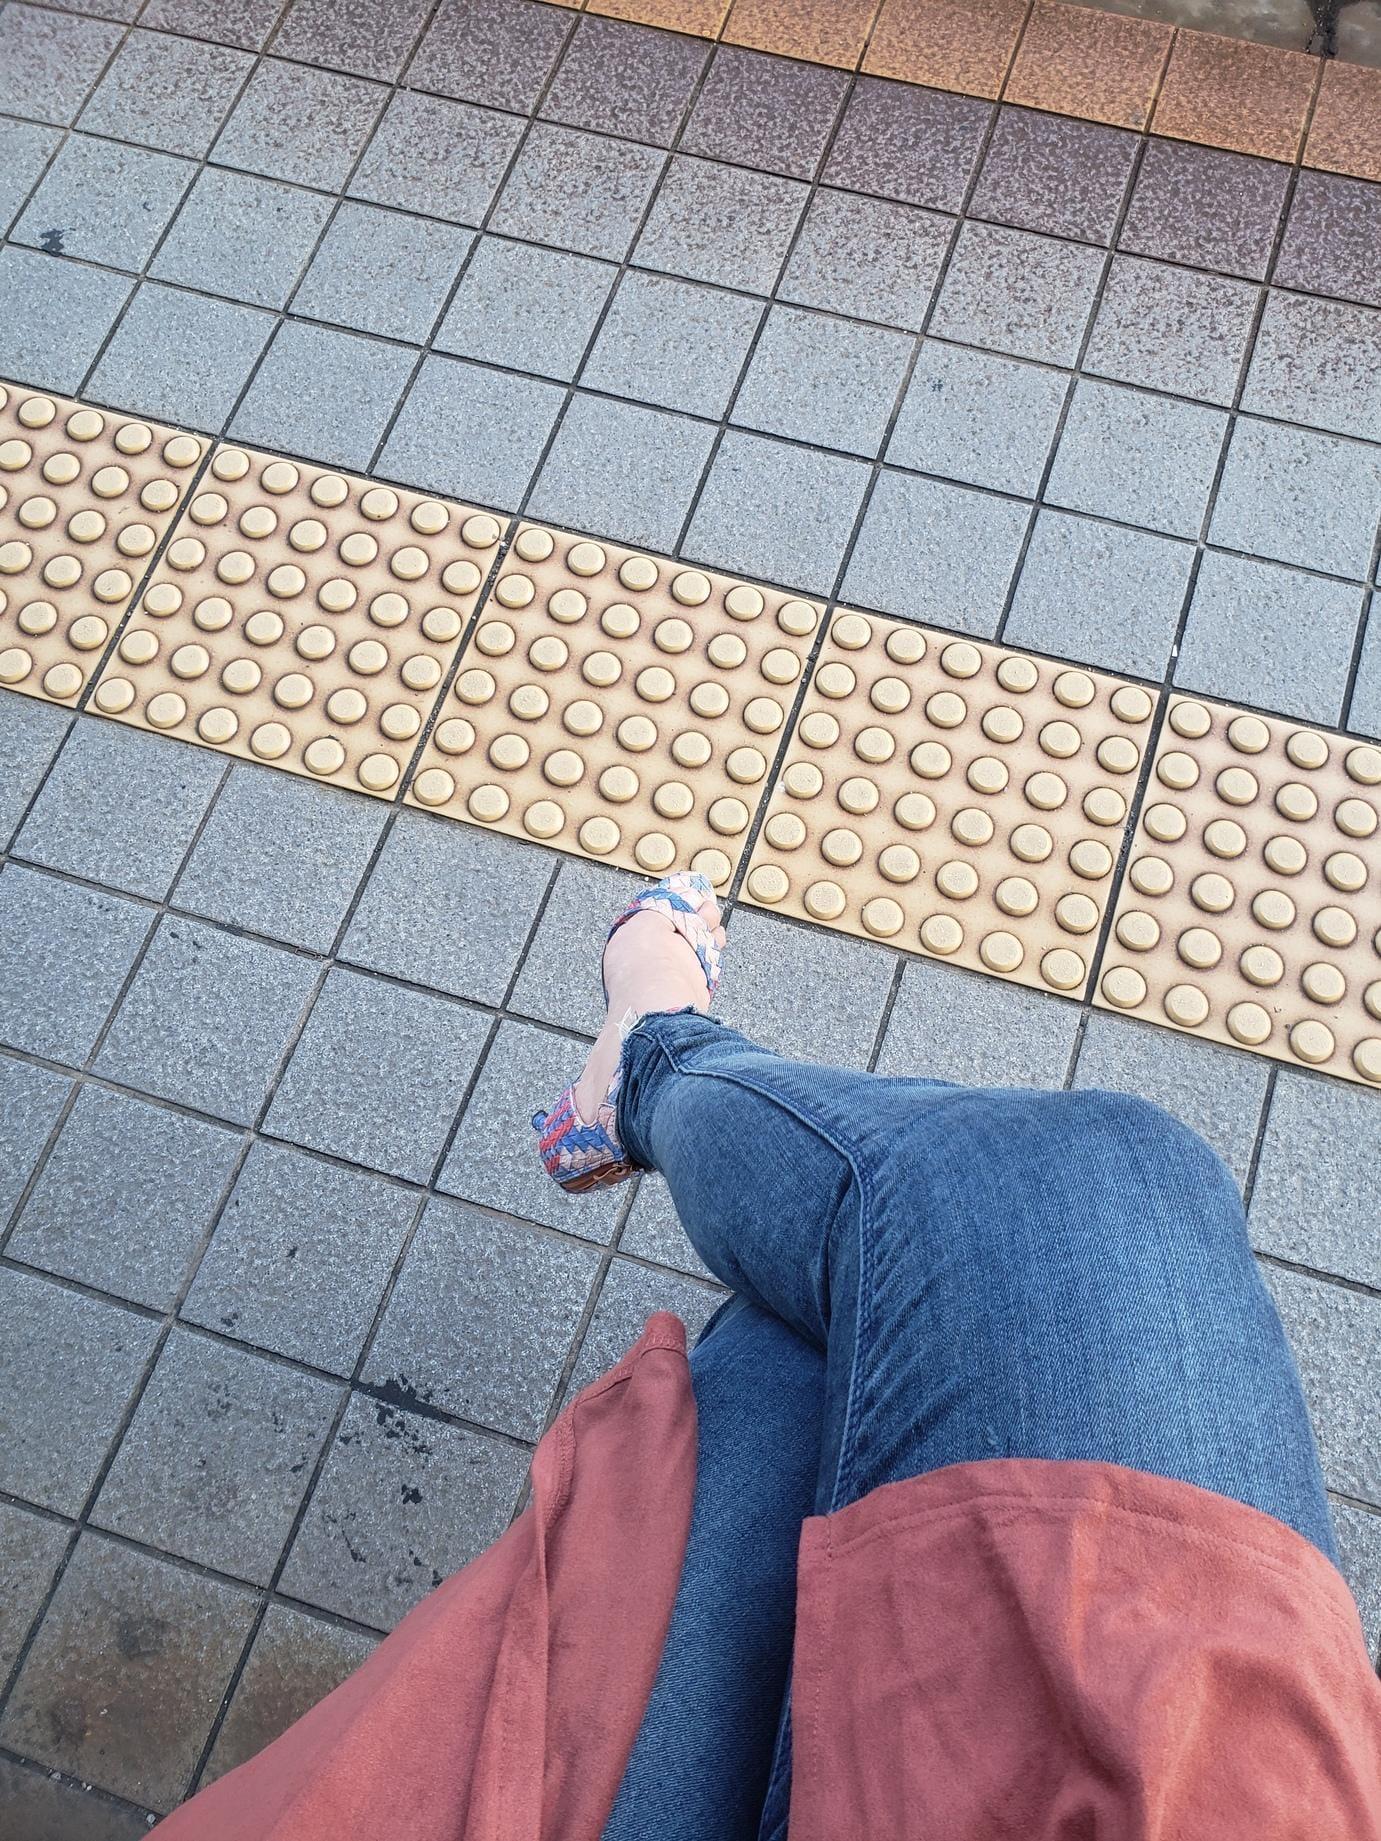 「こんにちわ」09/22(09/22) 18:25 | ゆうきの写メ・風俗動画